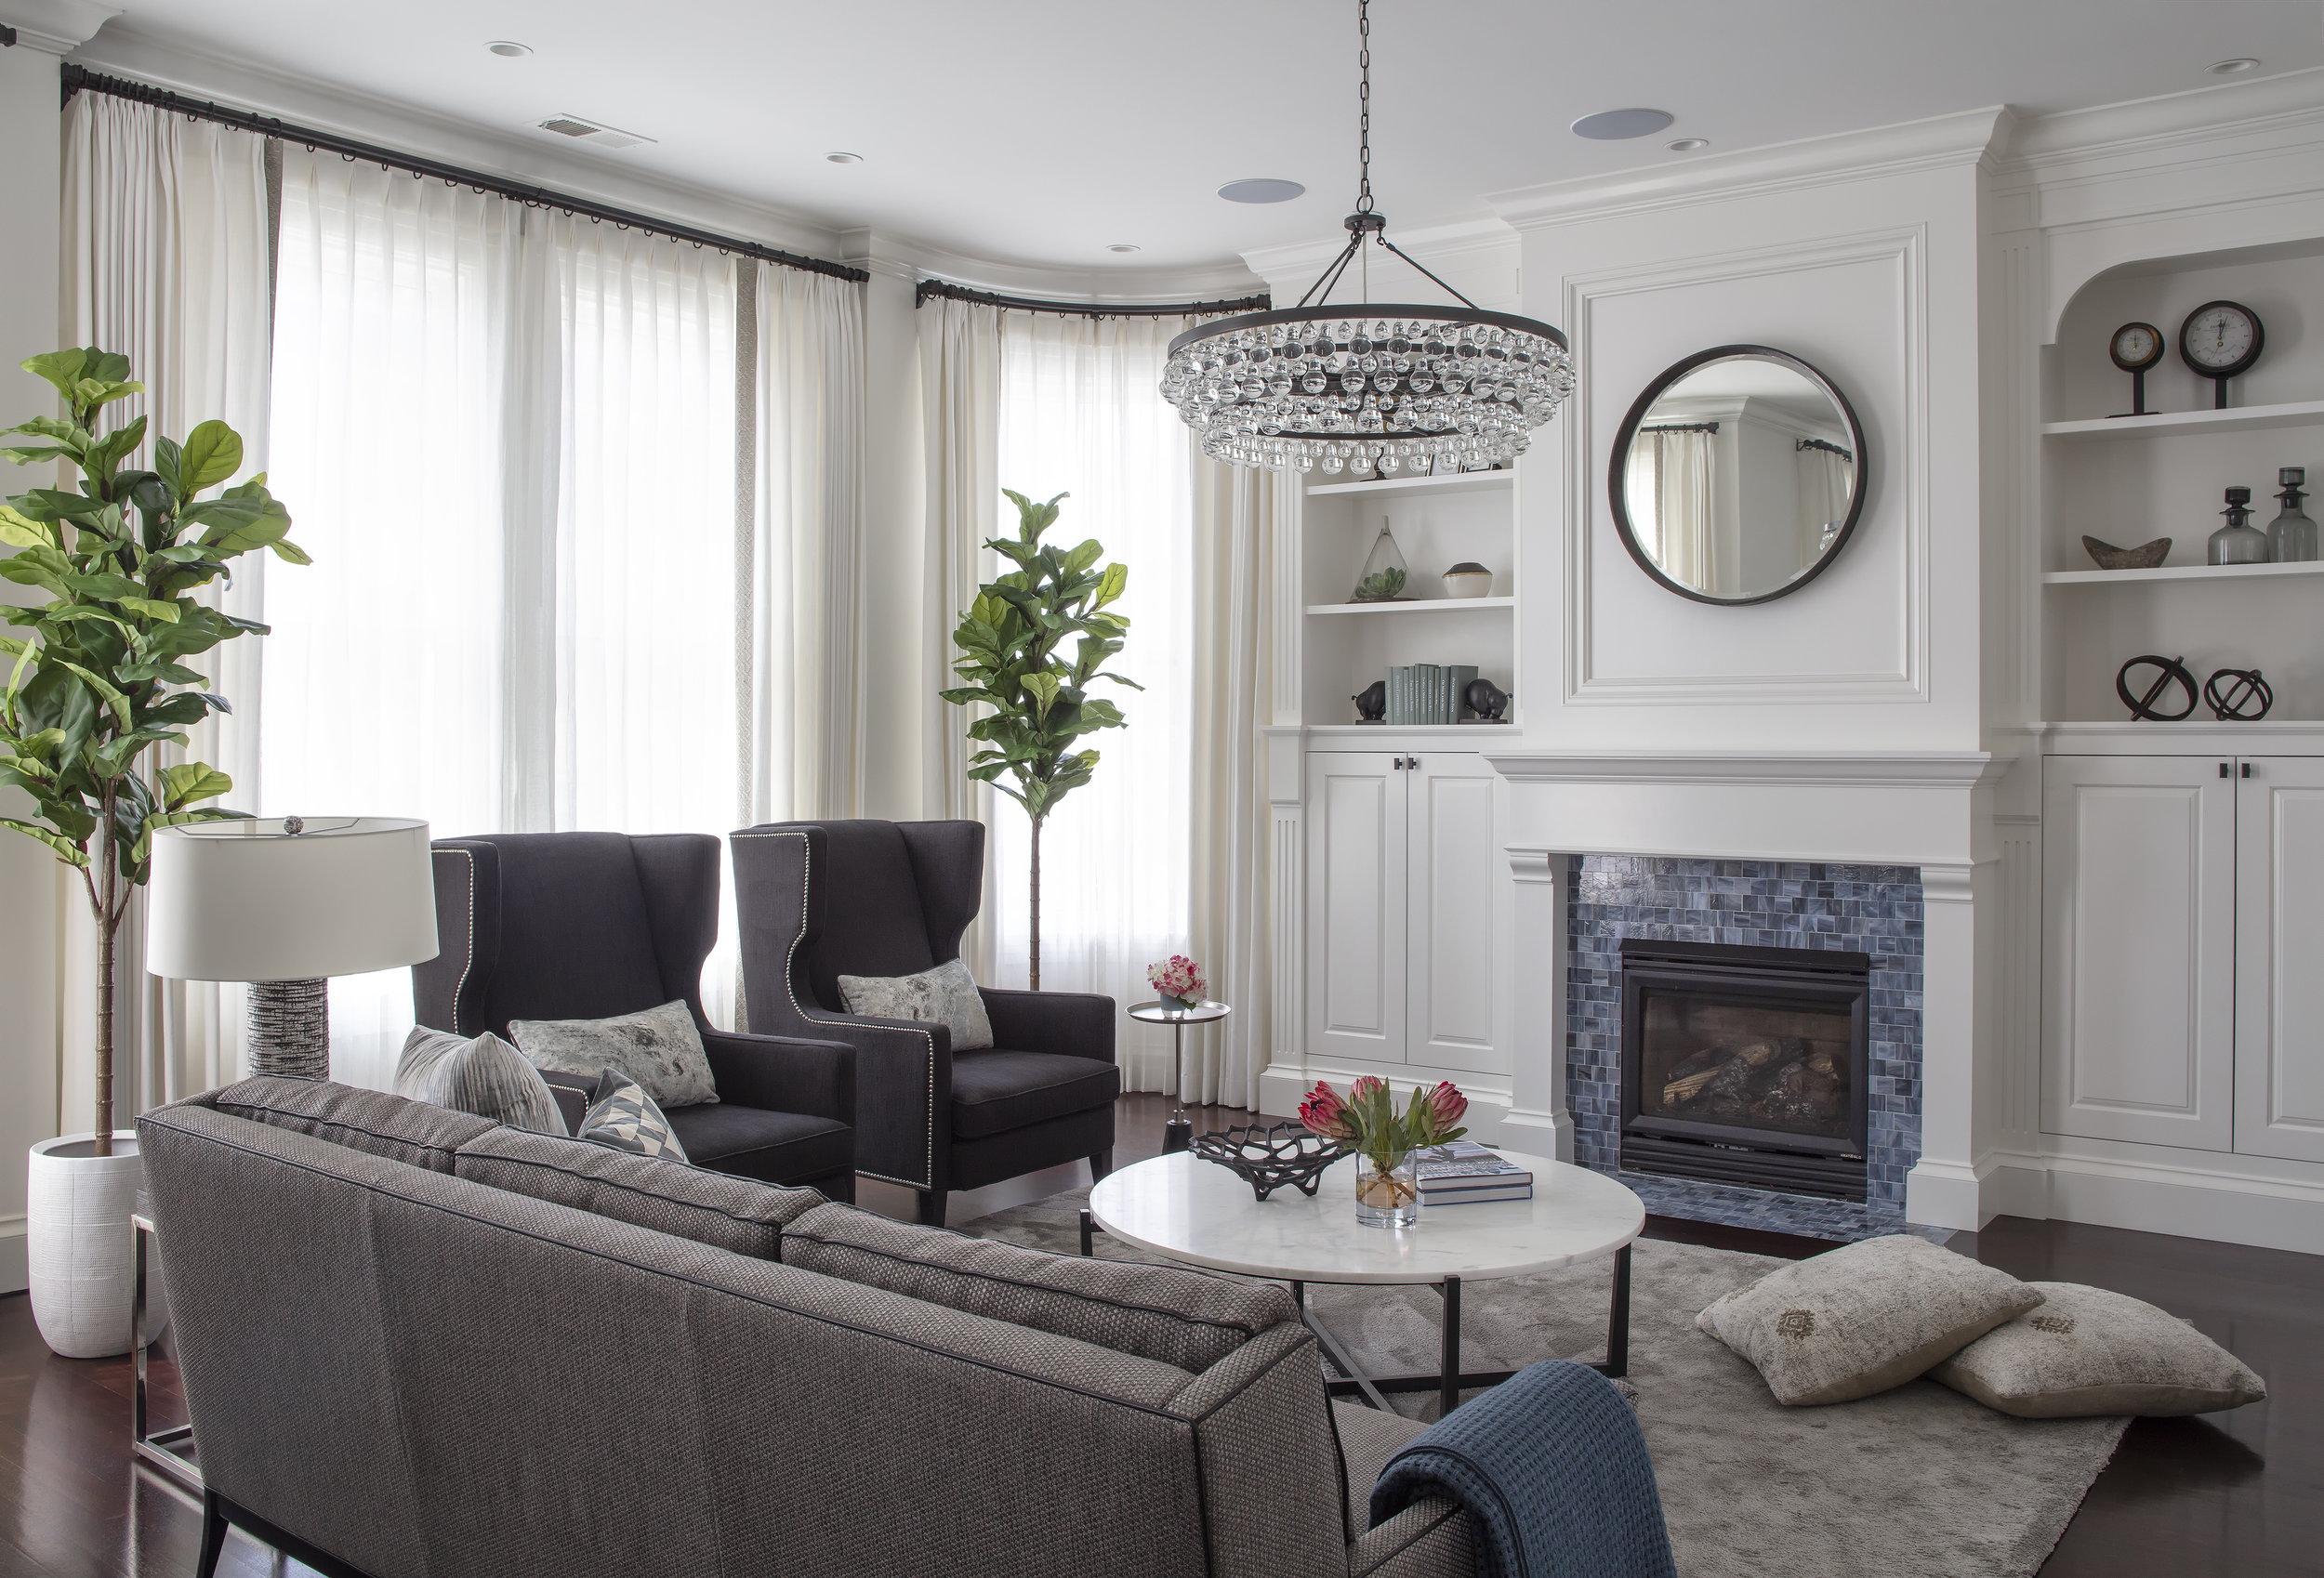 02_Livingroom_Pillows.jpg